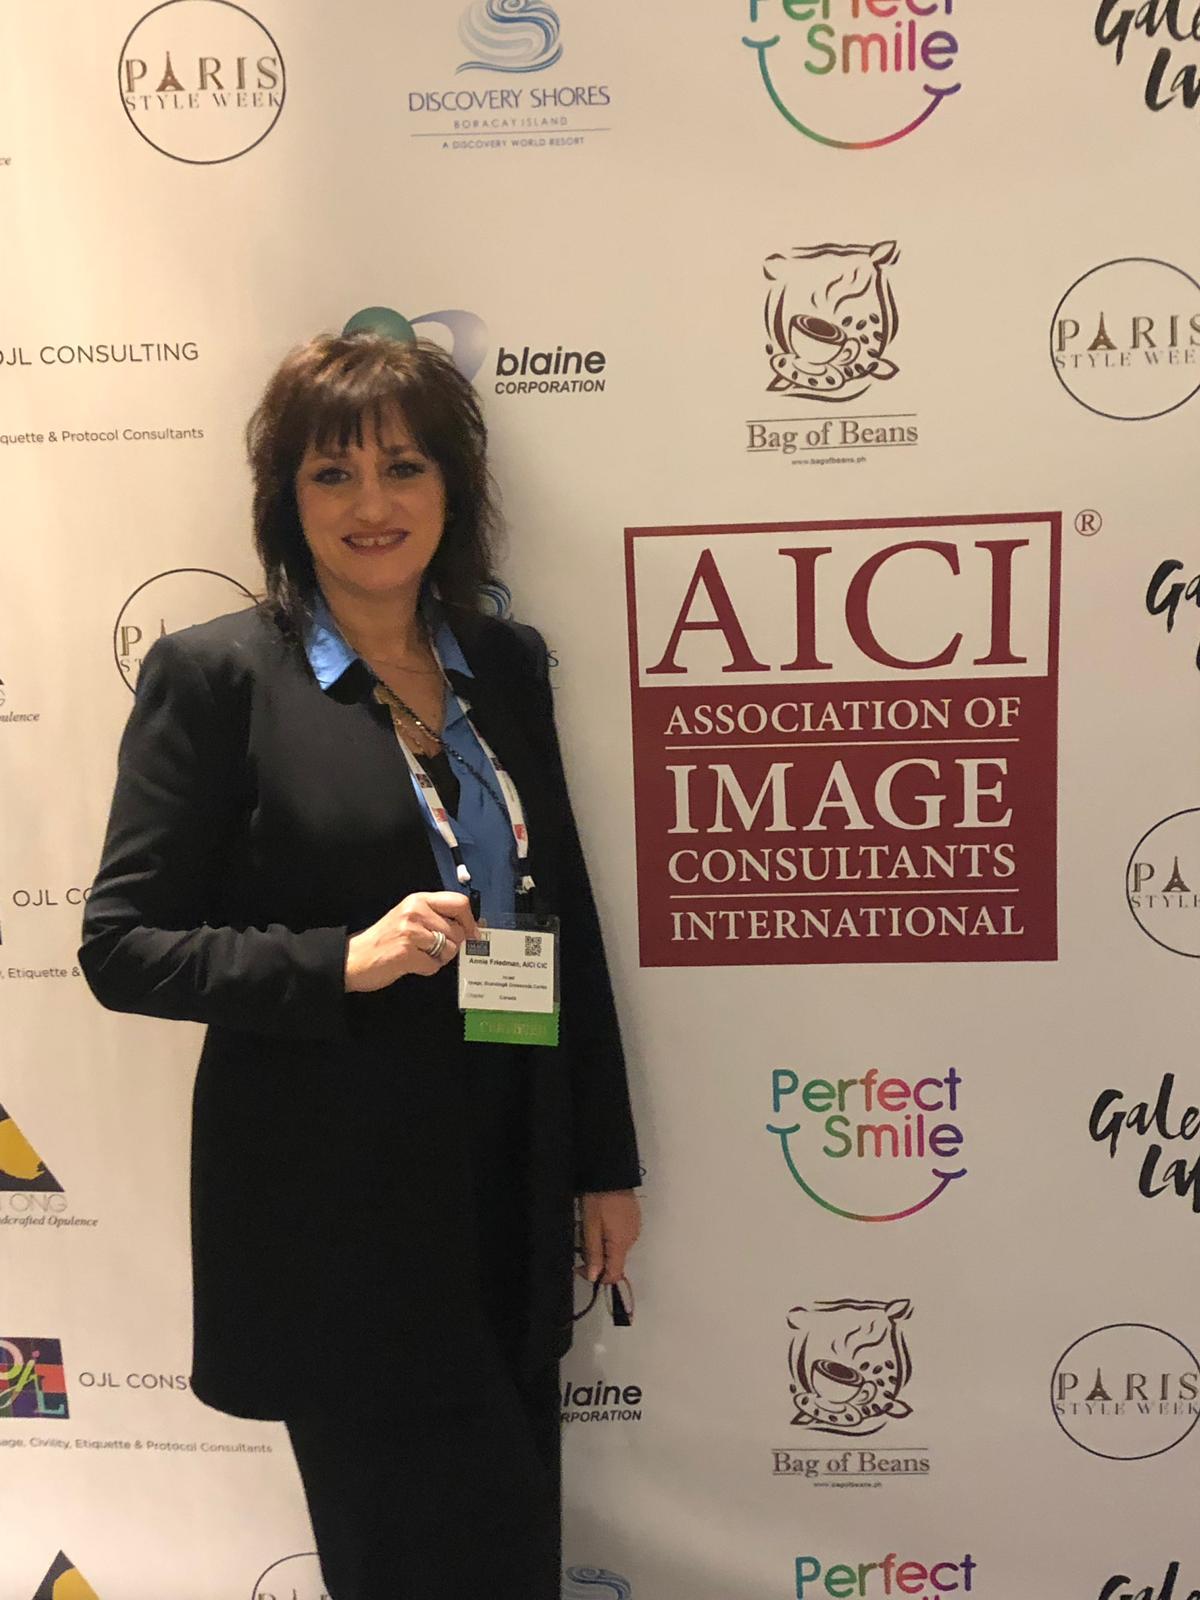 אני פרידמן AICI CIC מומחית לתדמית